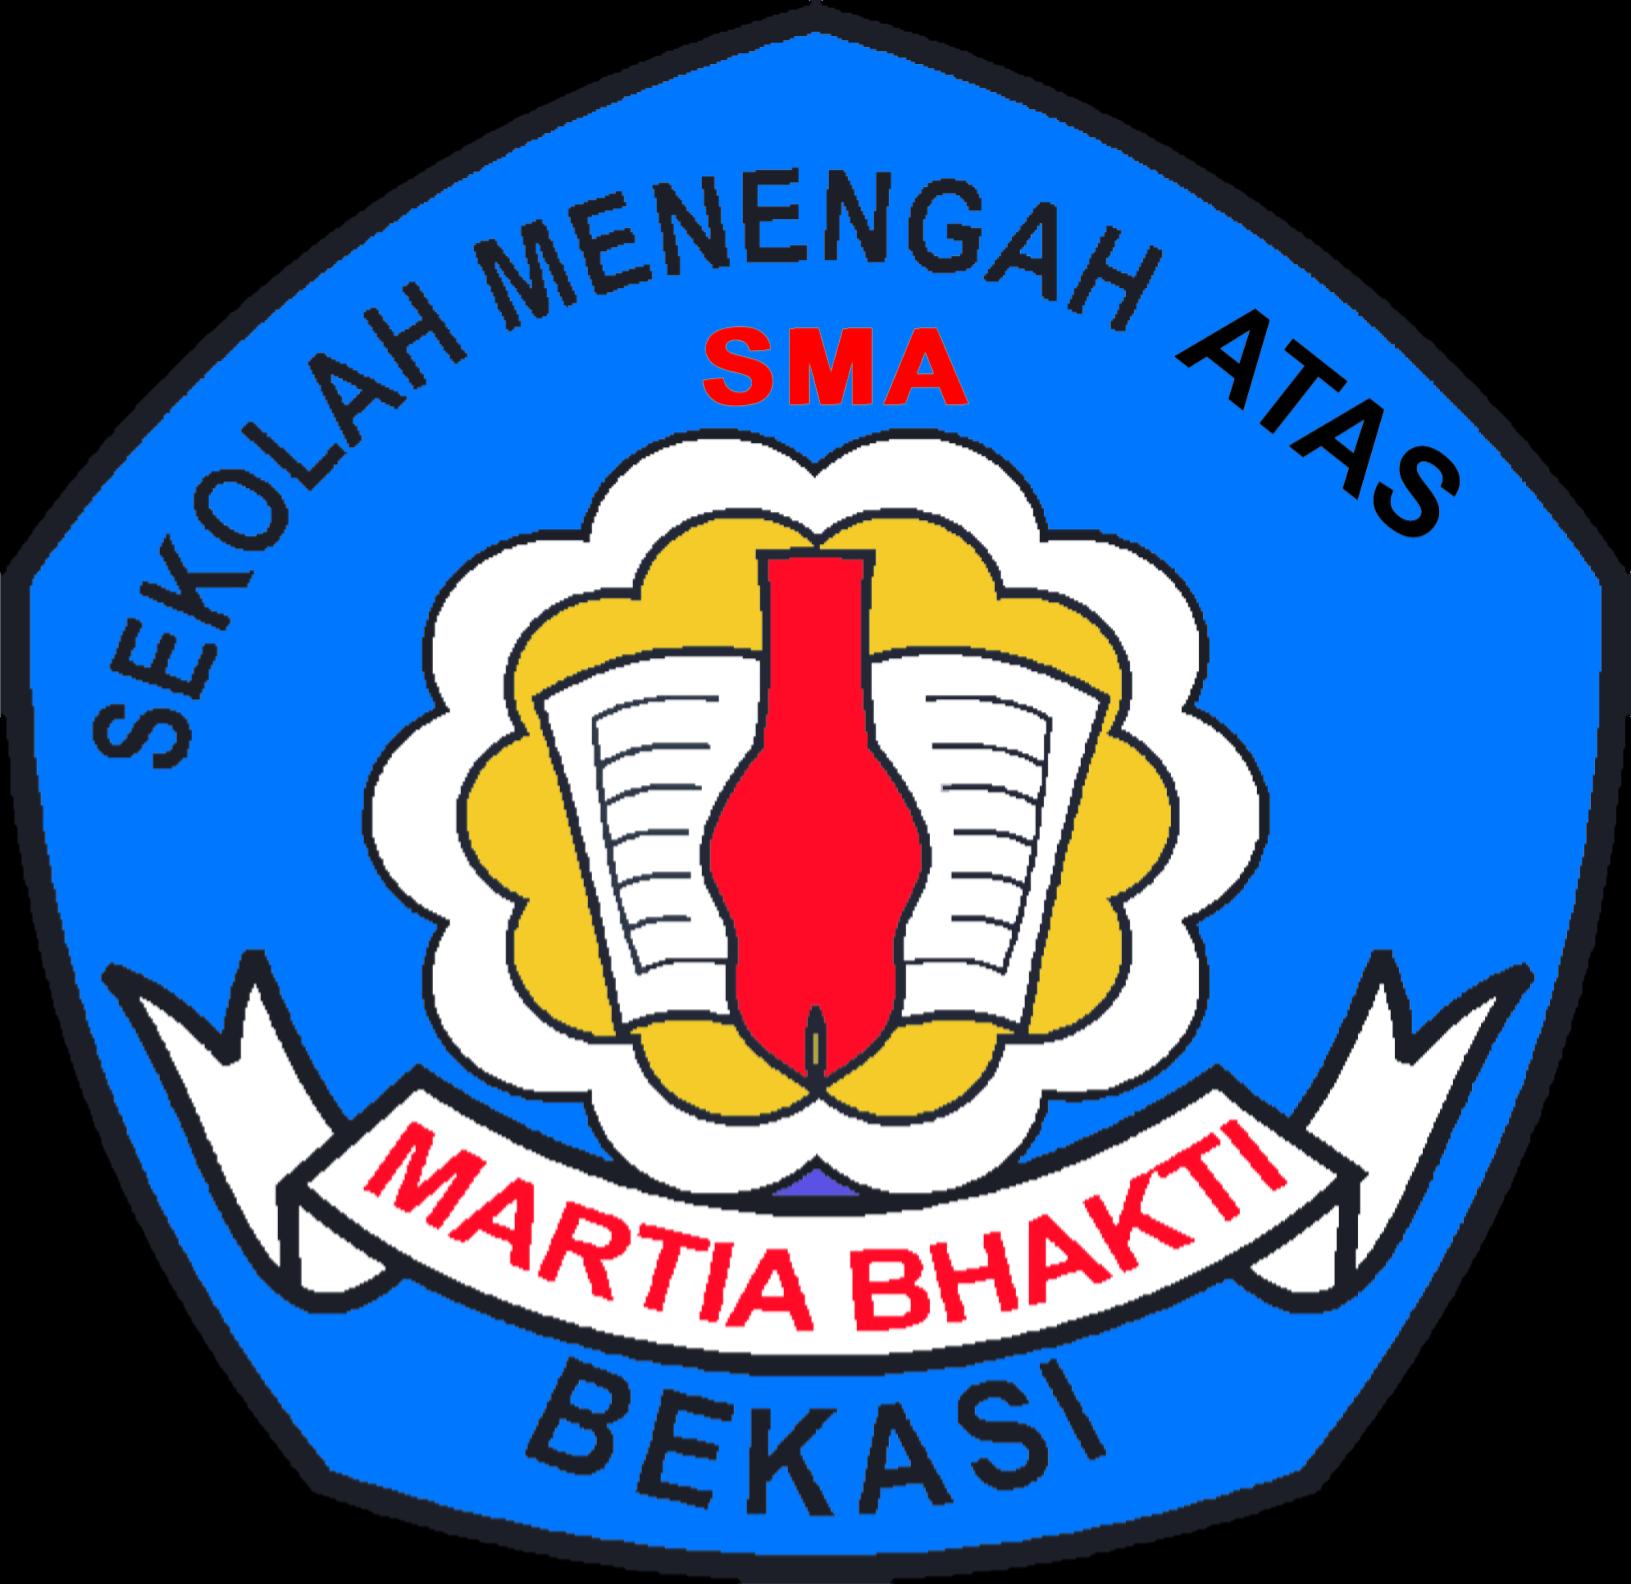 SMA Martia Bhakti